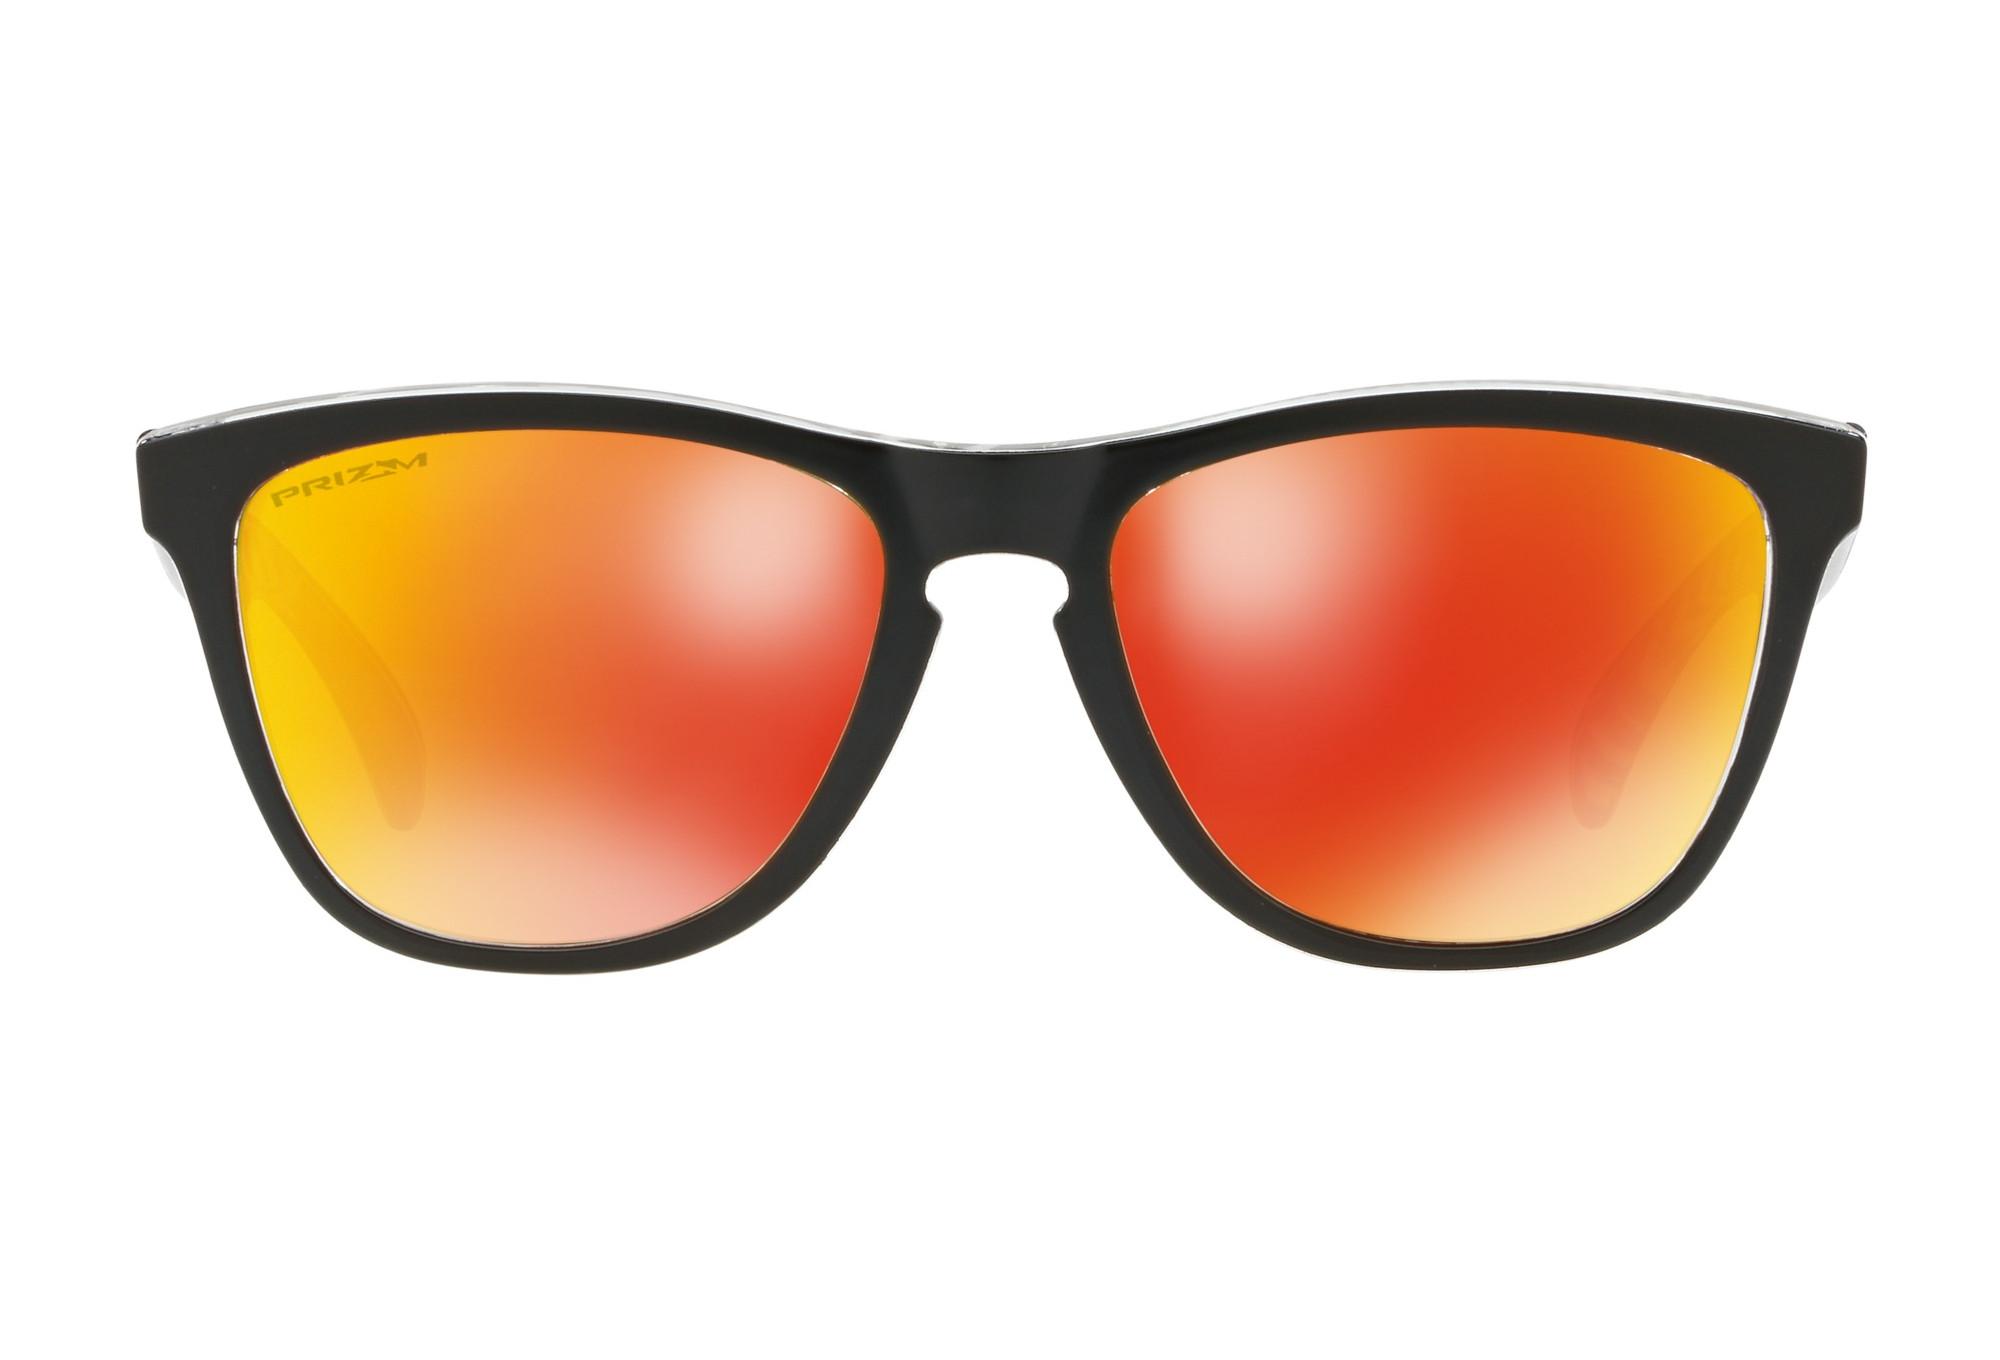 Oakley Sportbrille »Frogskins Urban Commuter Sunglasses«, schwarz, schwarz